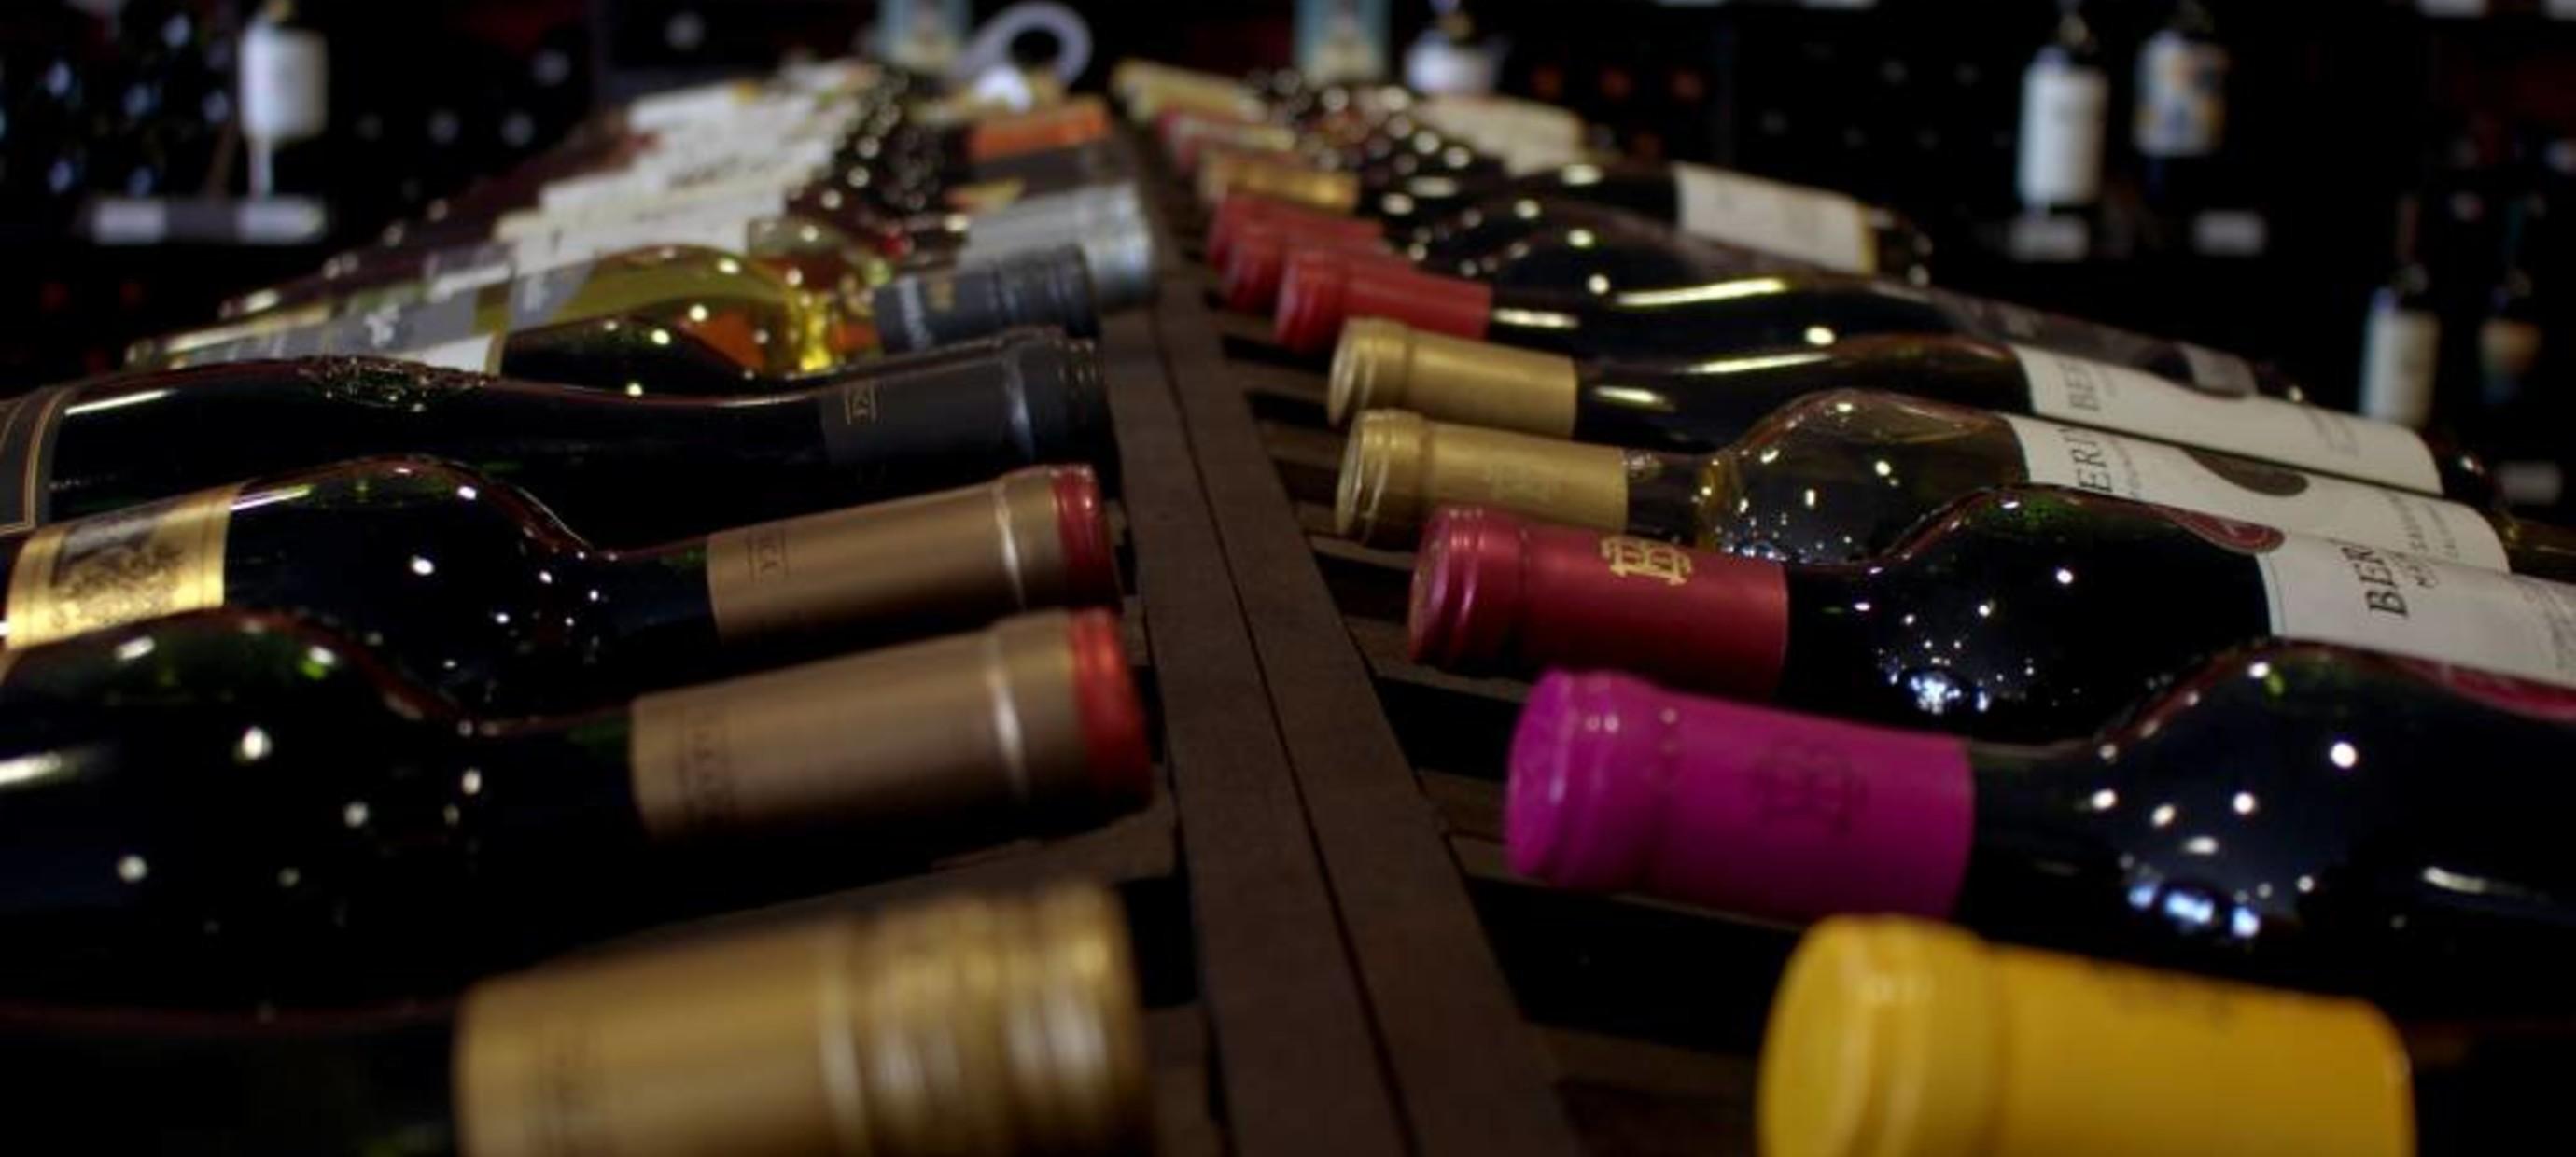 Wat is een assemblagewijn?